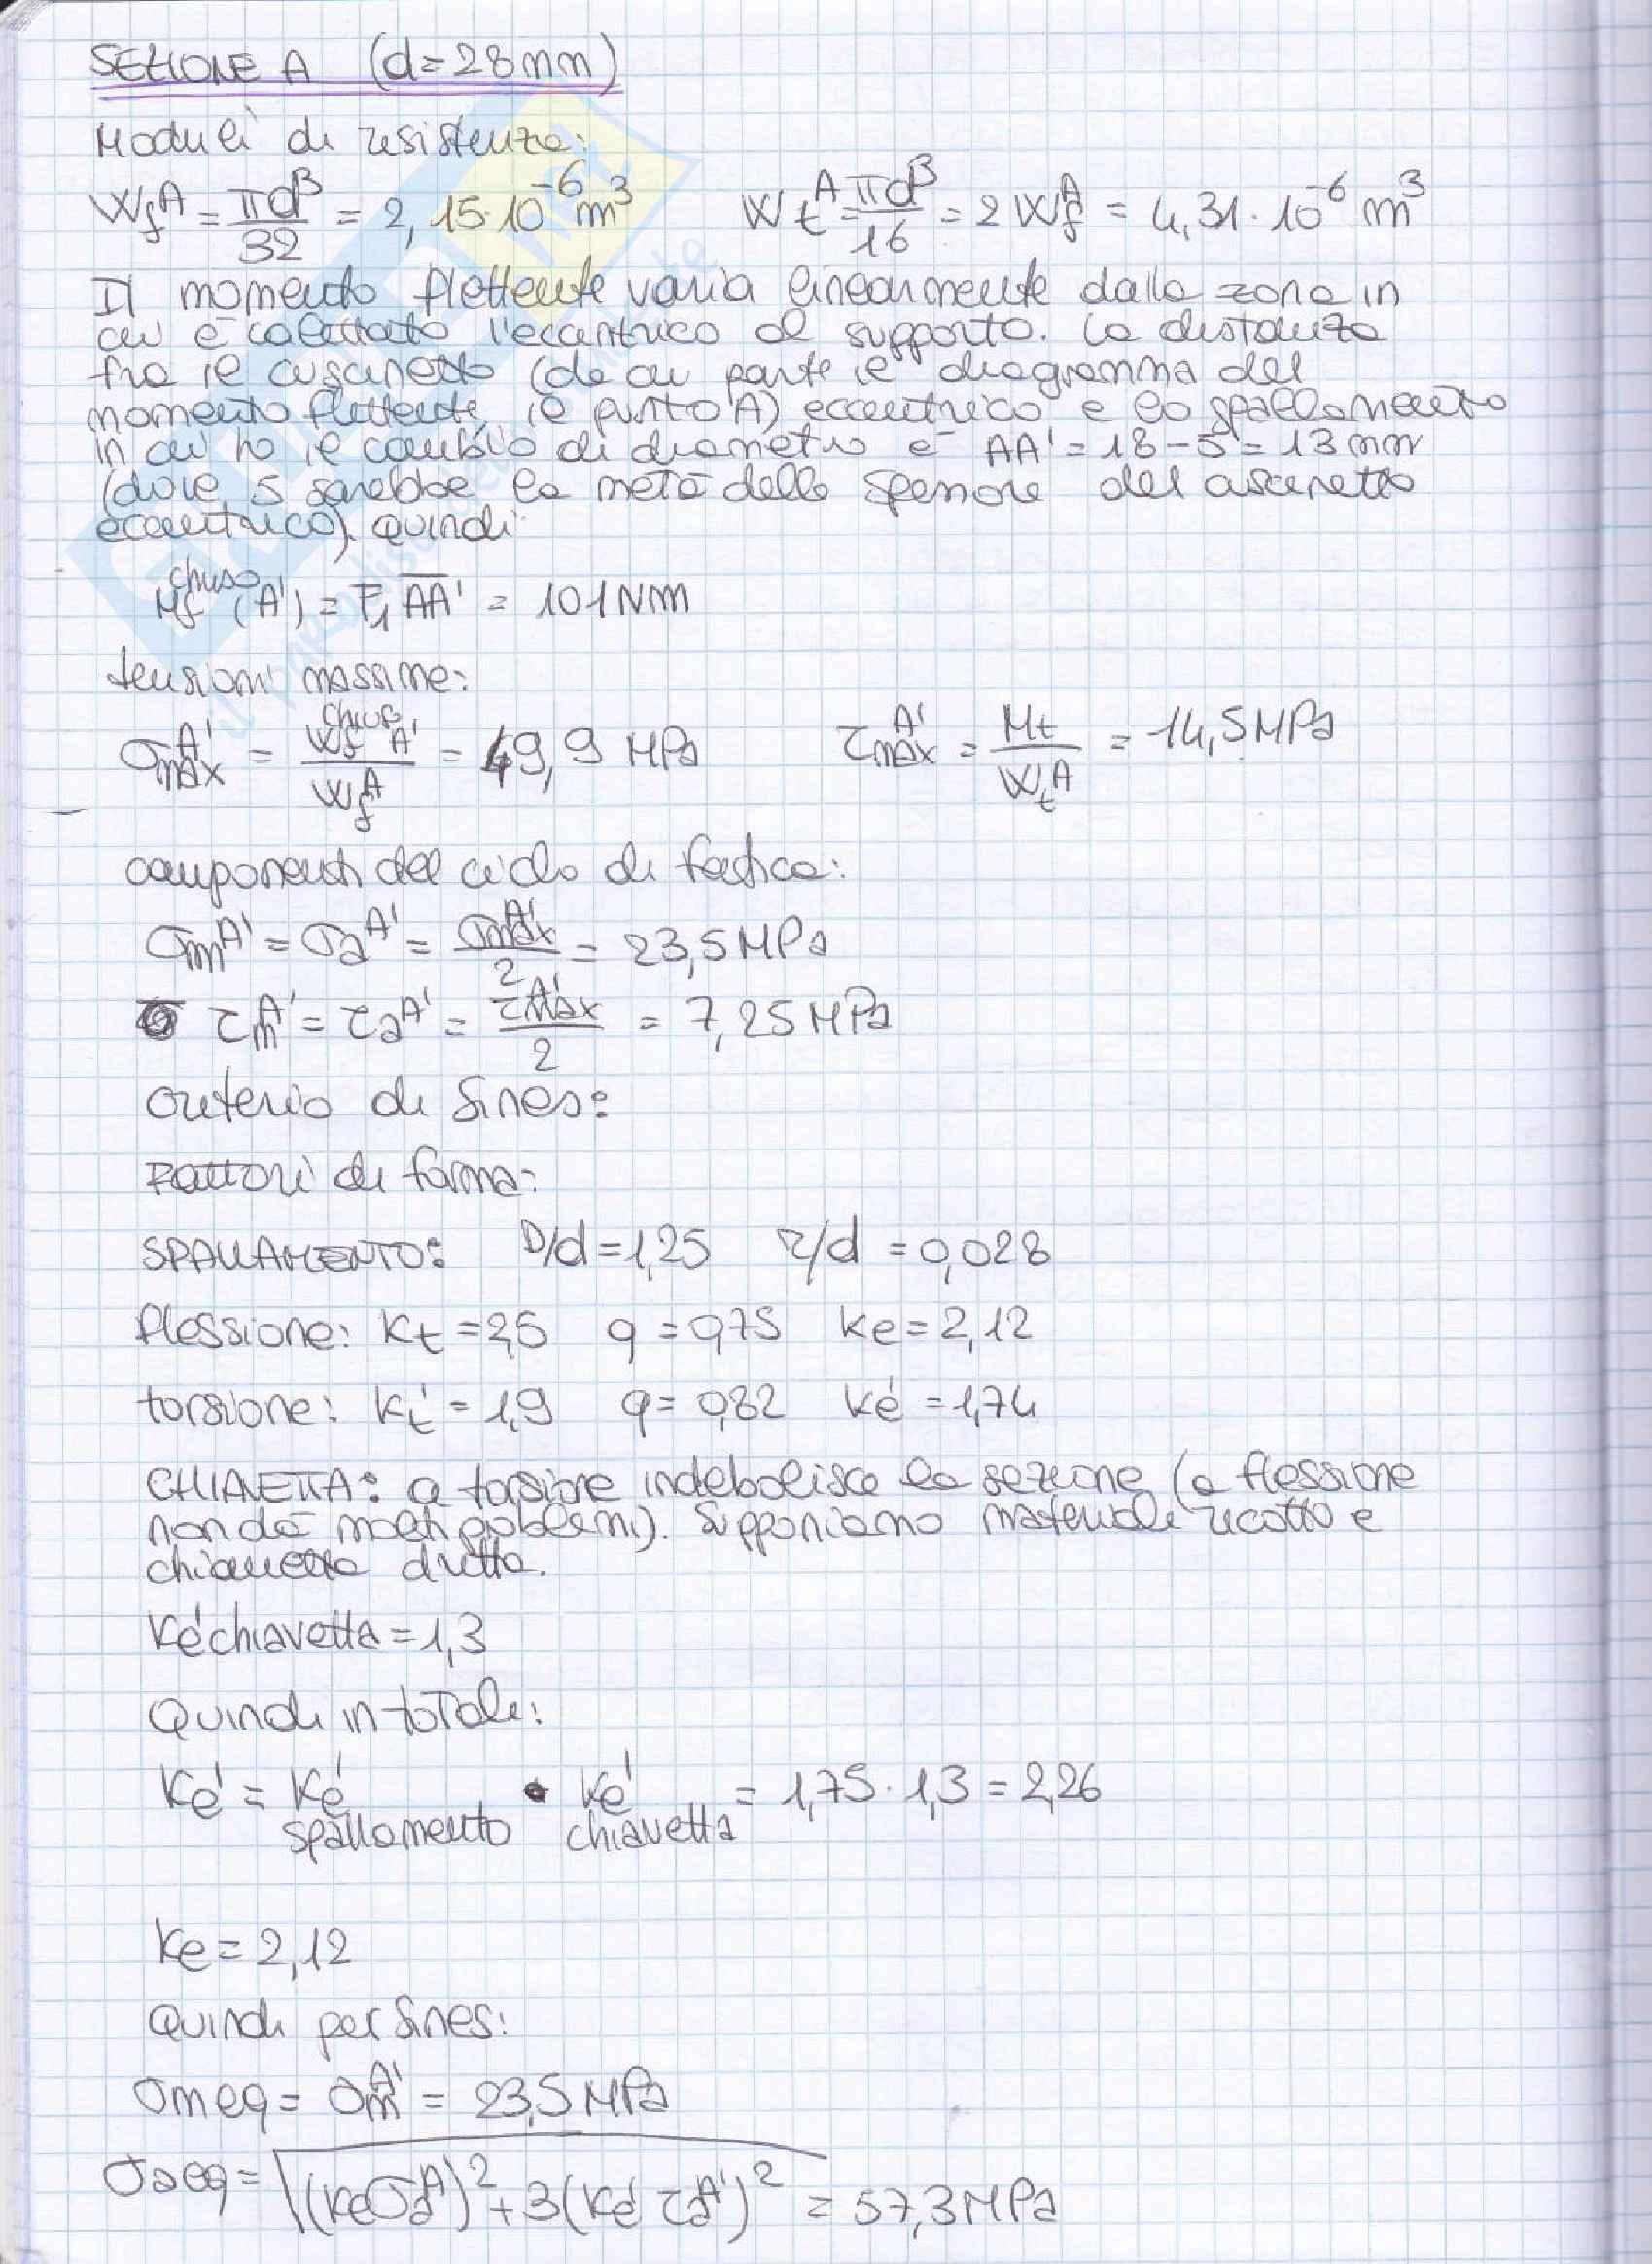 Elementi costruttivi delle macchine - Esercizi esame svolti Pag. 21